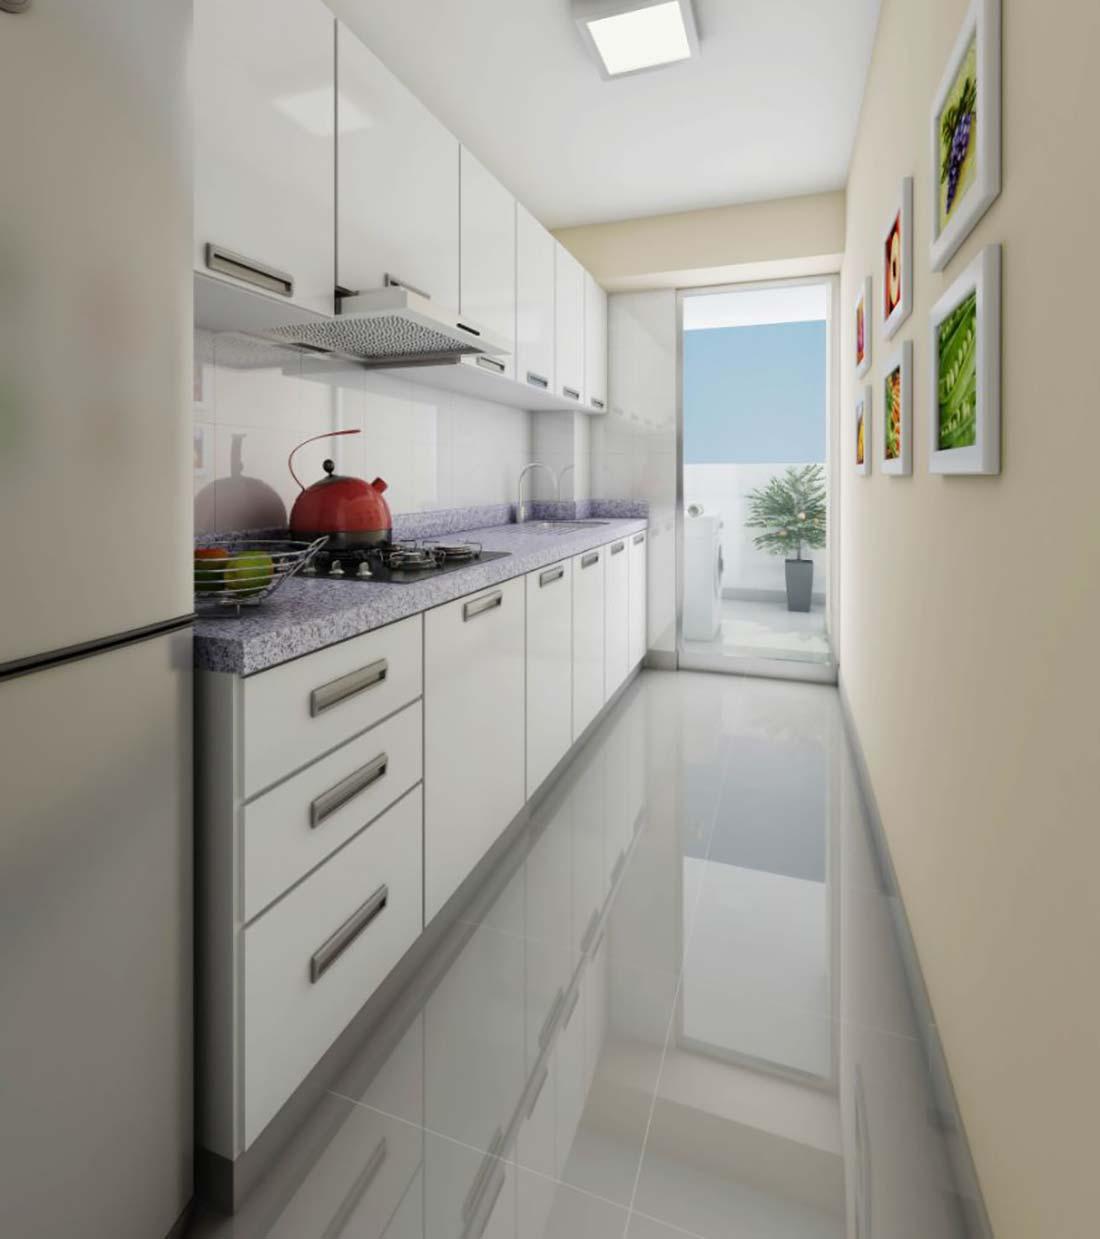 ocean-illiari-interior-cocina